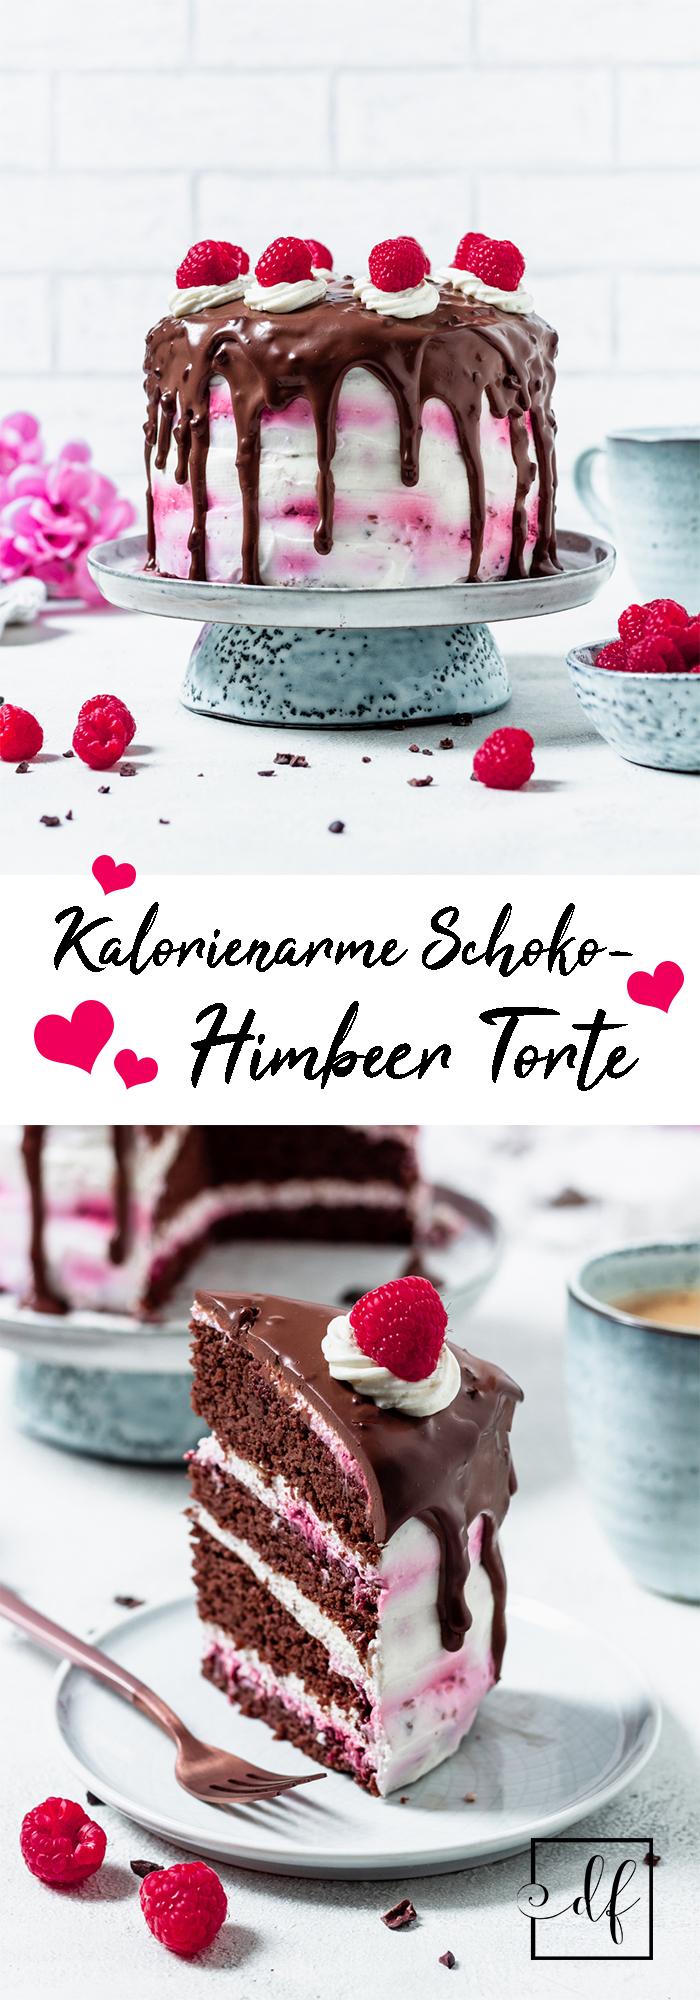 Zuckerfreie Schokotorte mit Himbeer-Sahne Frosting